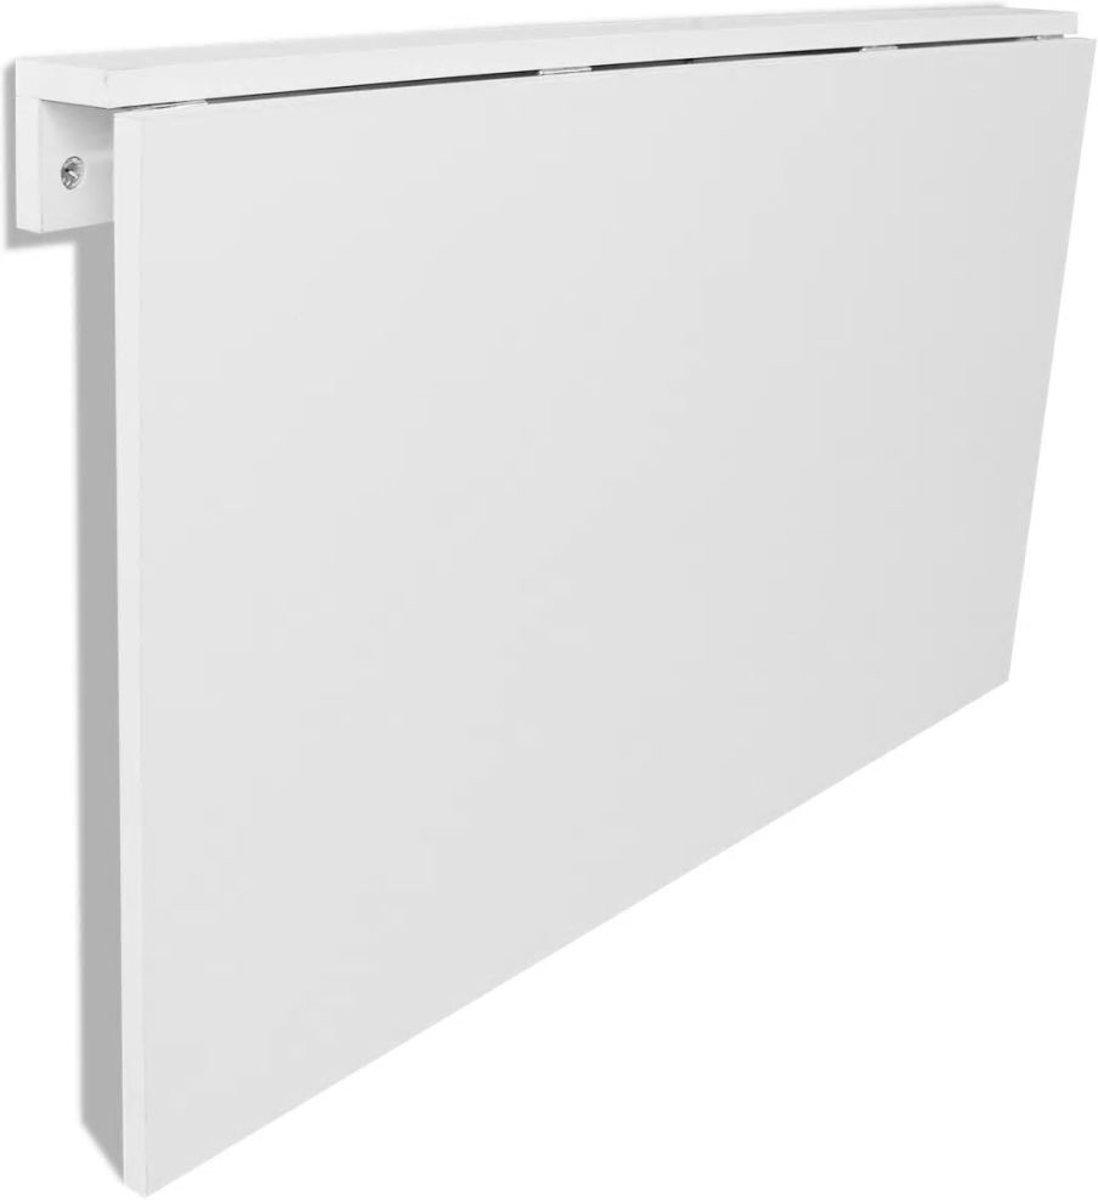 Opklap Tafel Voor Aan De Muur.Vidaxl Wandtafel Inklapbaar 100x60 Cm Wit